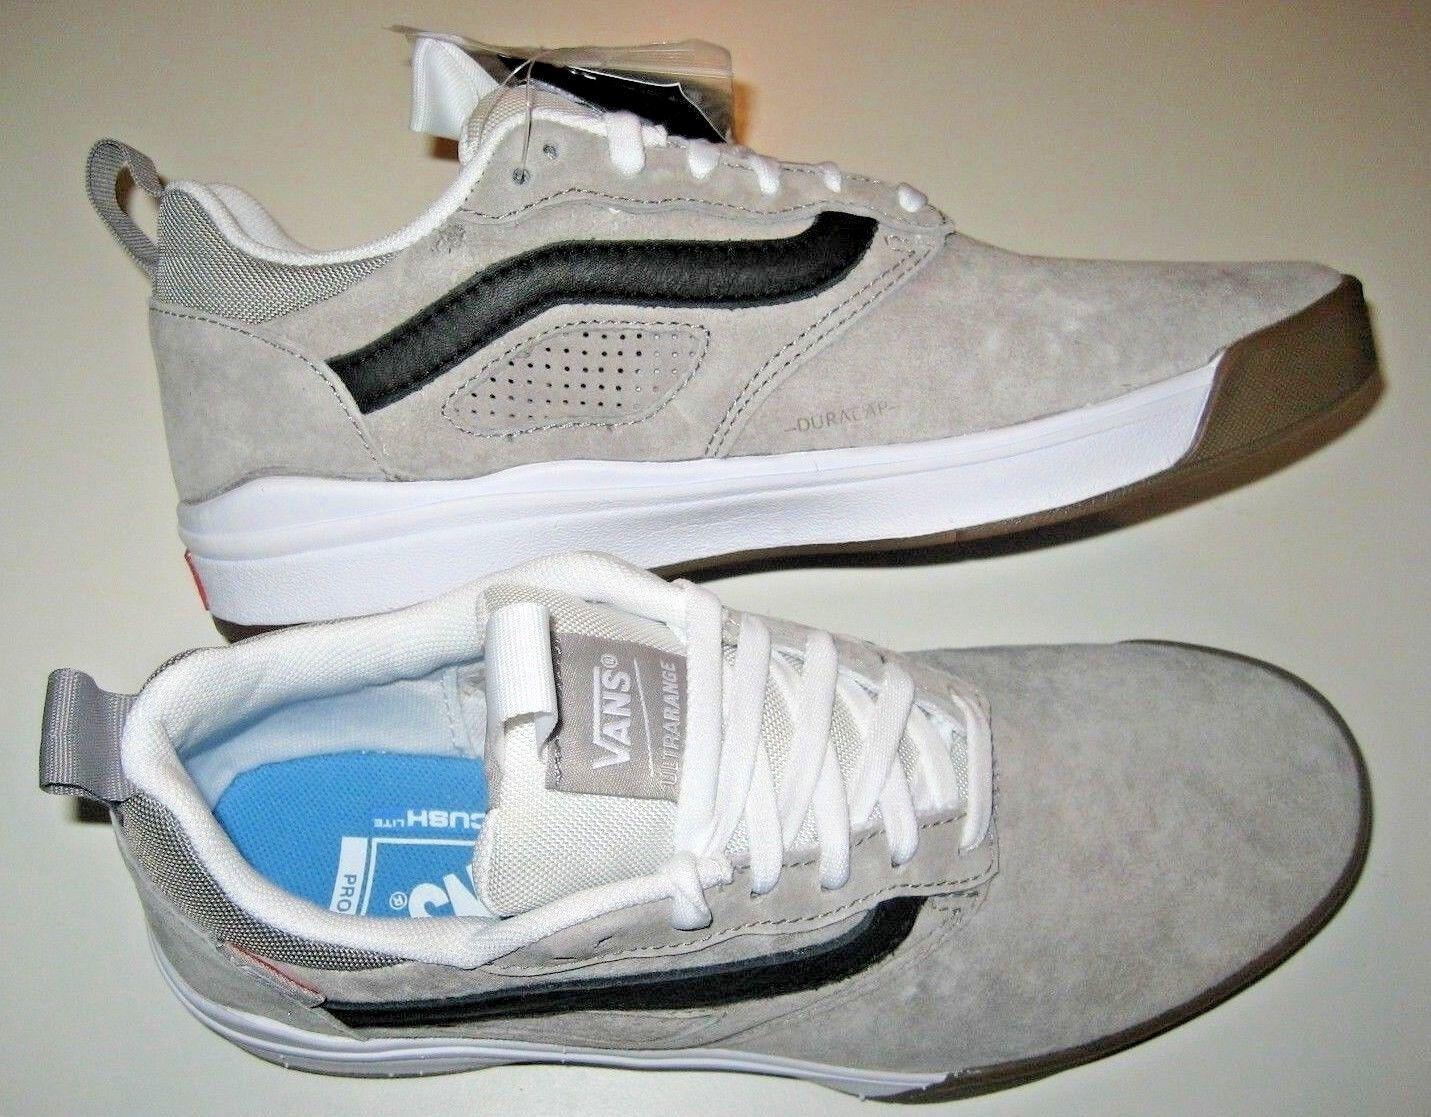 consegna gratuita e veloce disponibile Vans Uomo UltraRange Pro Drizzle grigio bianca Suede Skate Casual Casual Casual scarpe Dimensione 9.5  negozio d'offerta